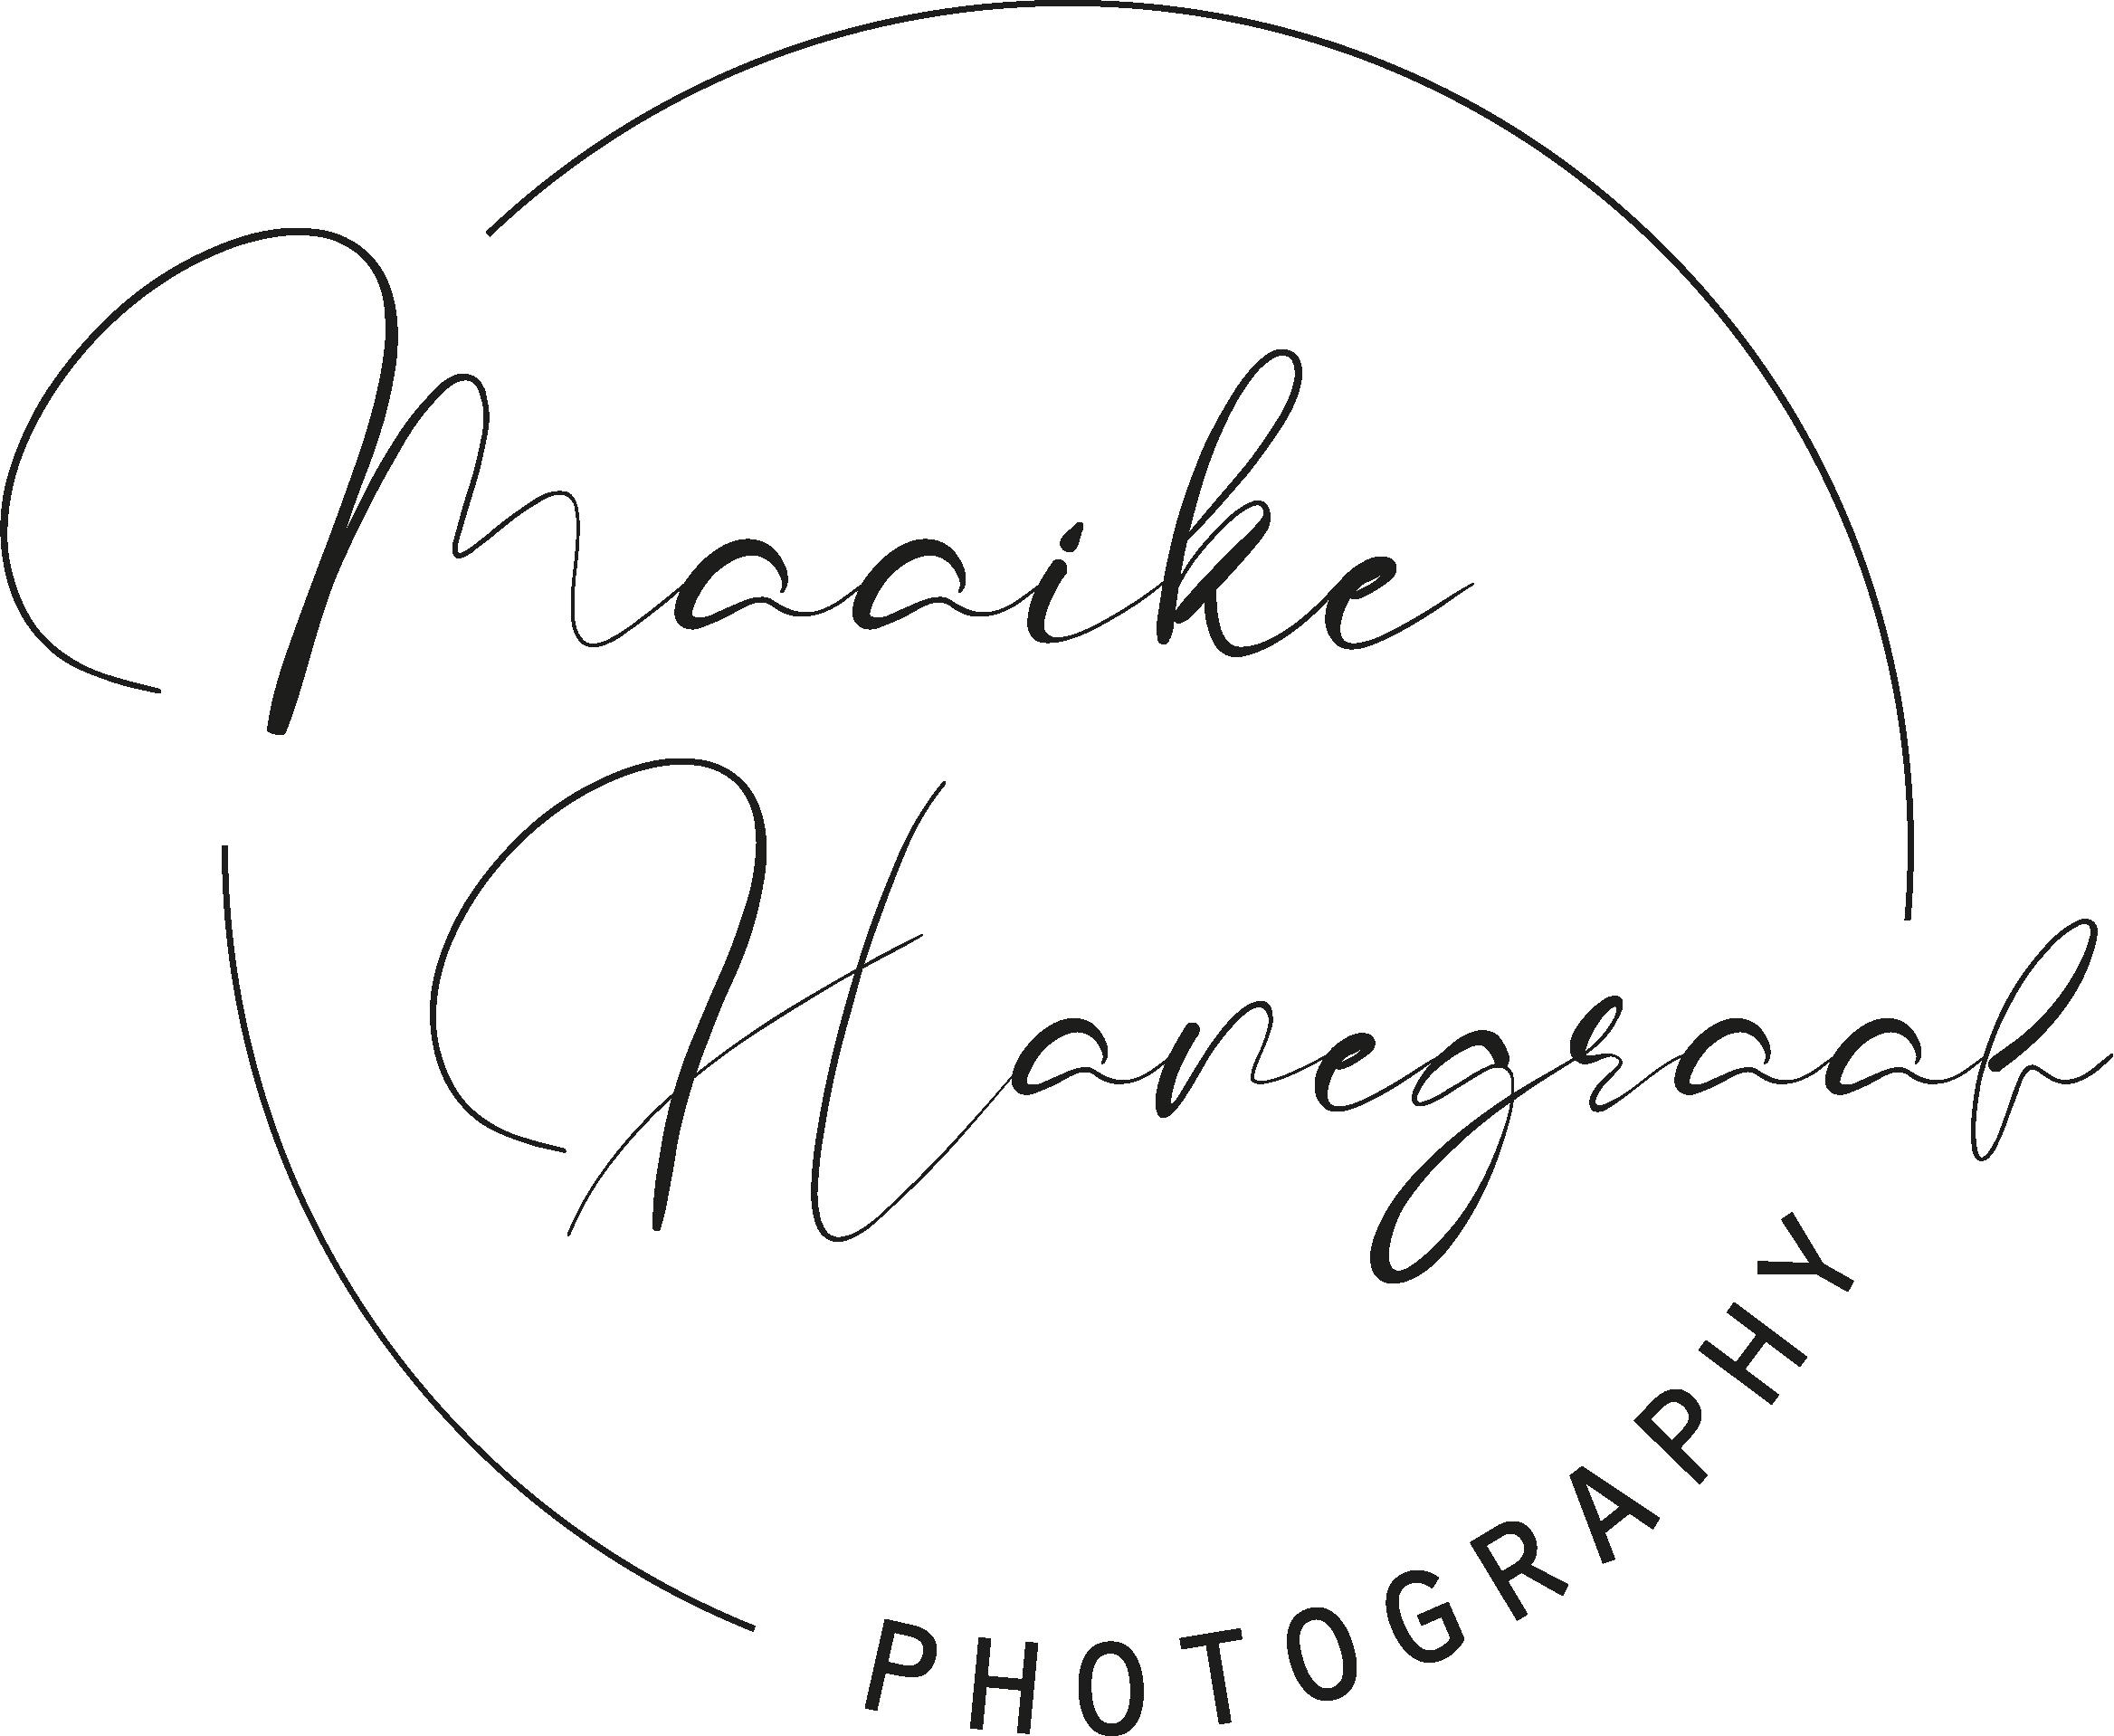 Maaike Hanegraaf Photography